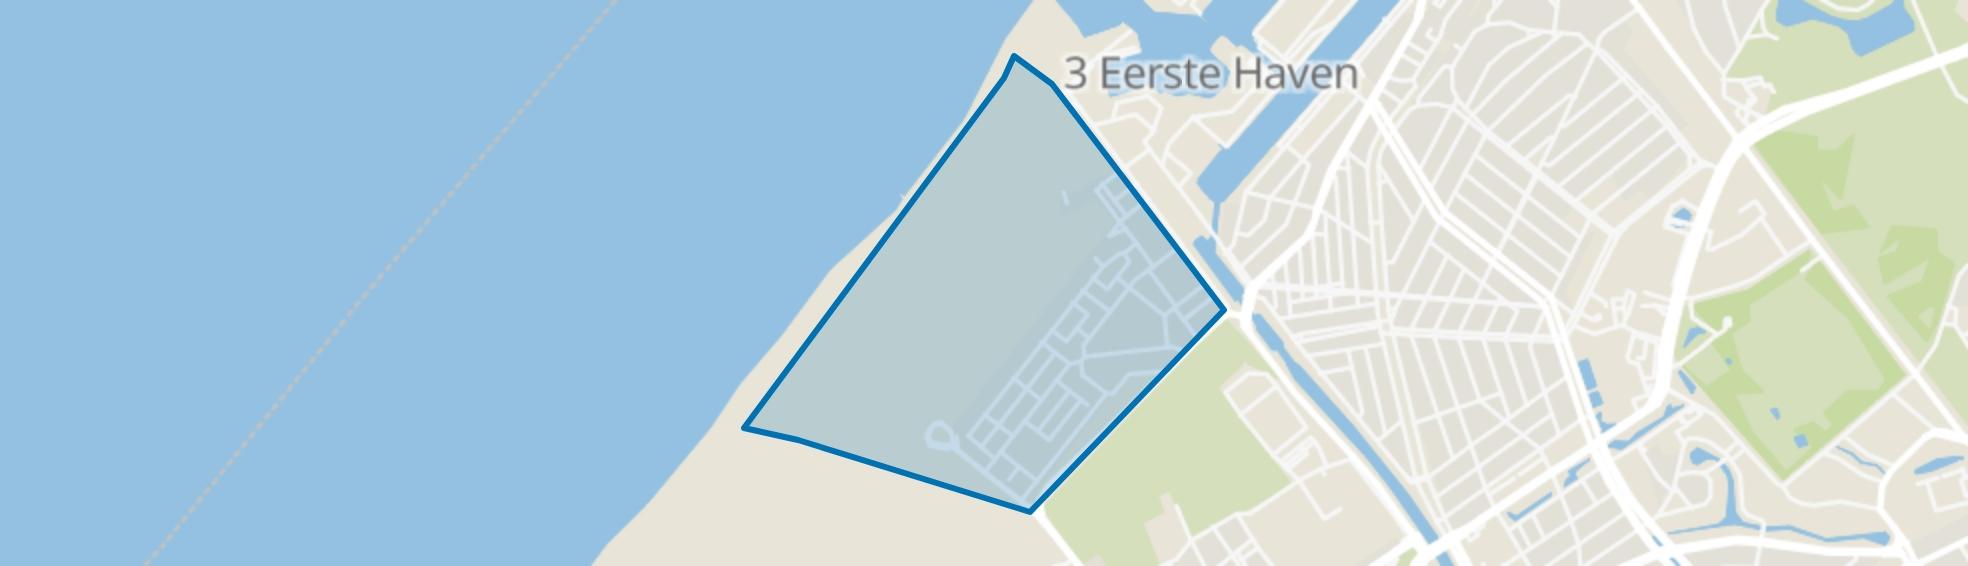 Duindorp, Den Haag map